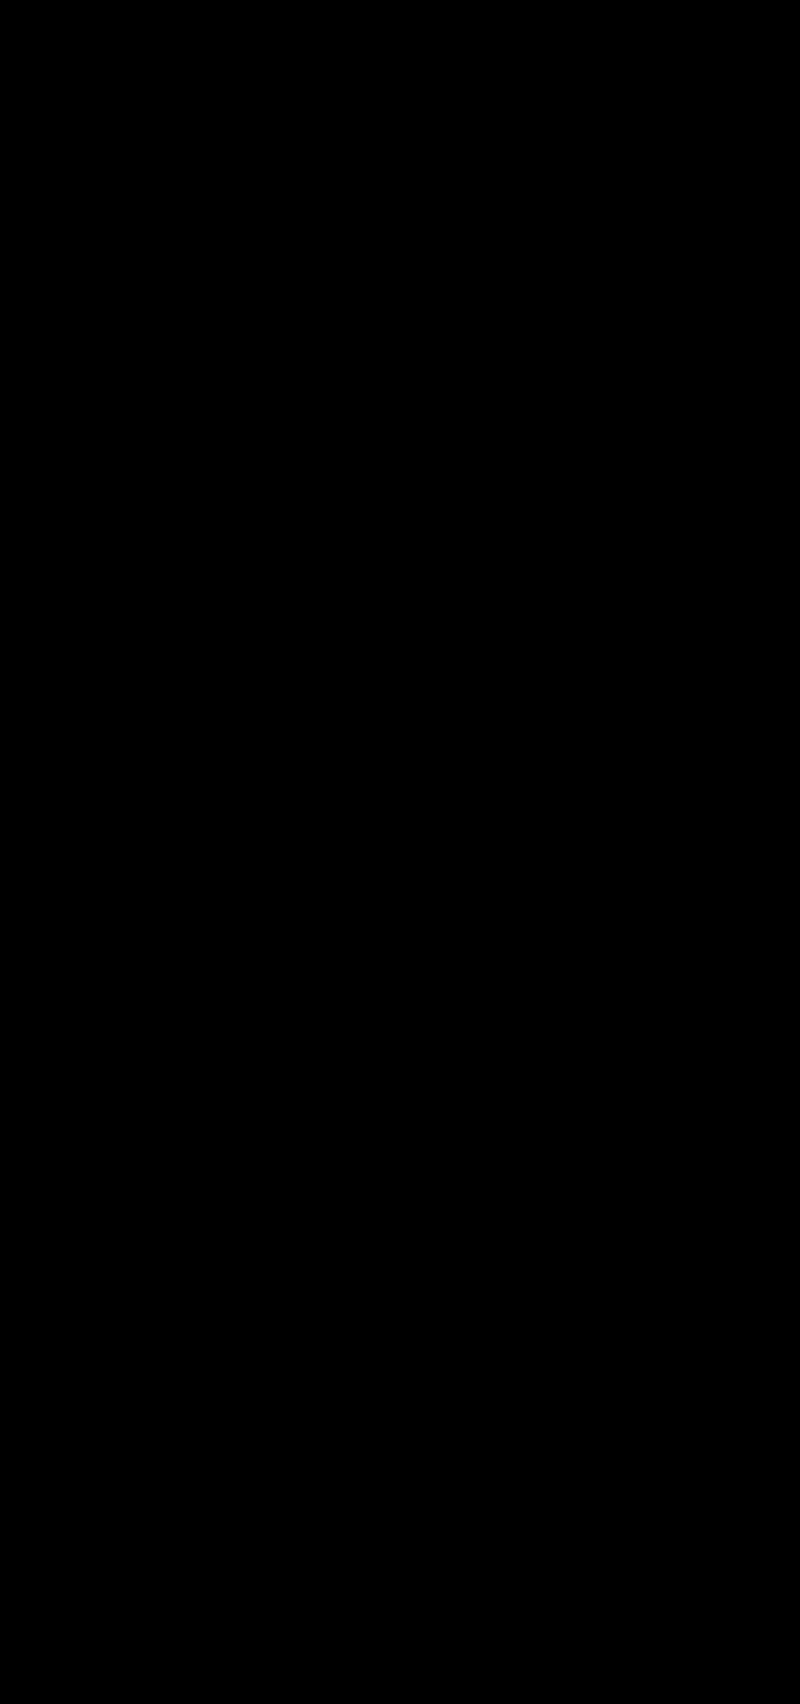 Stick Figure PNG HD - 129665